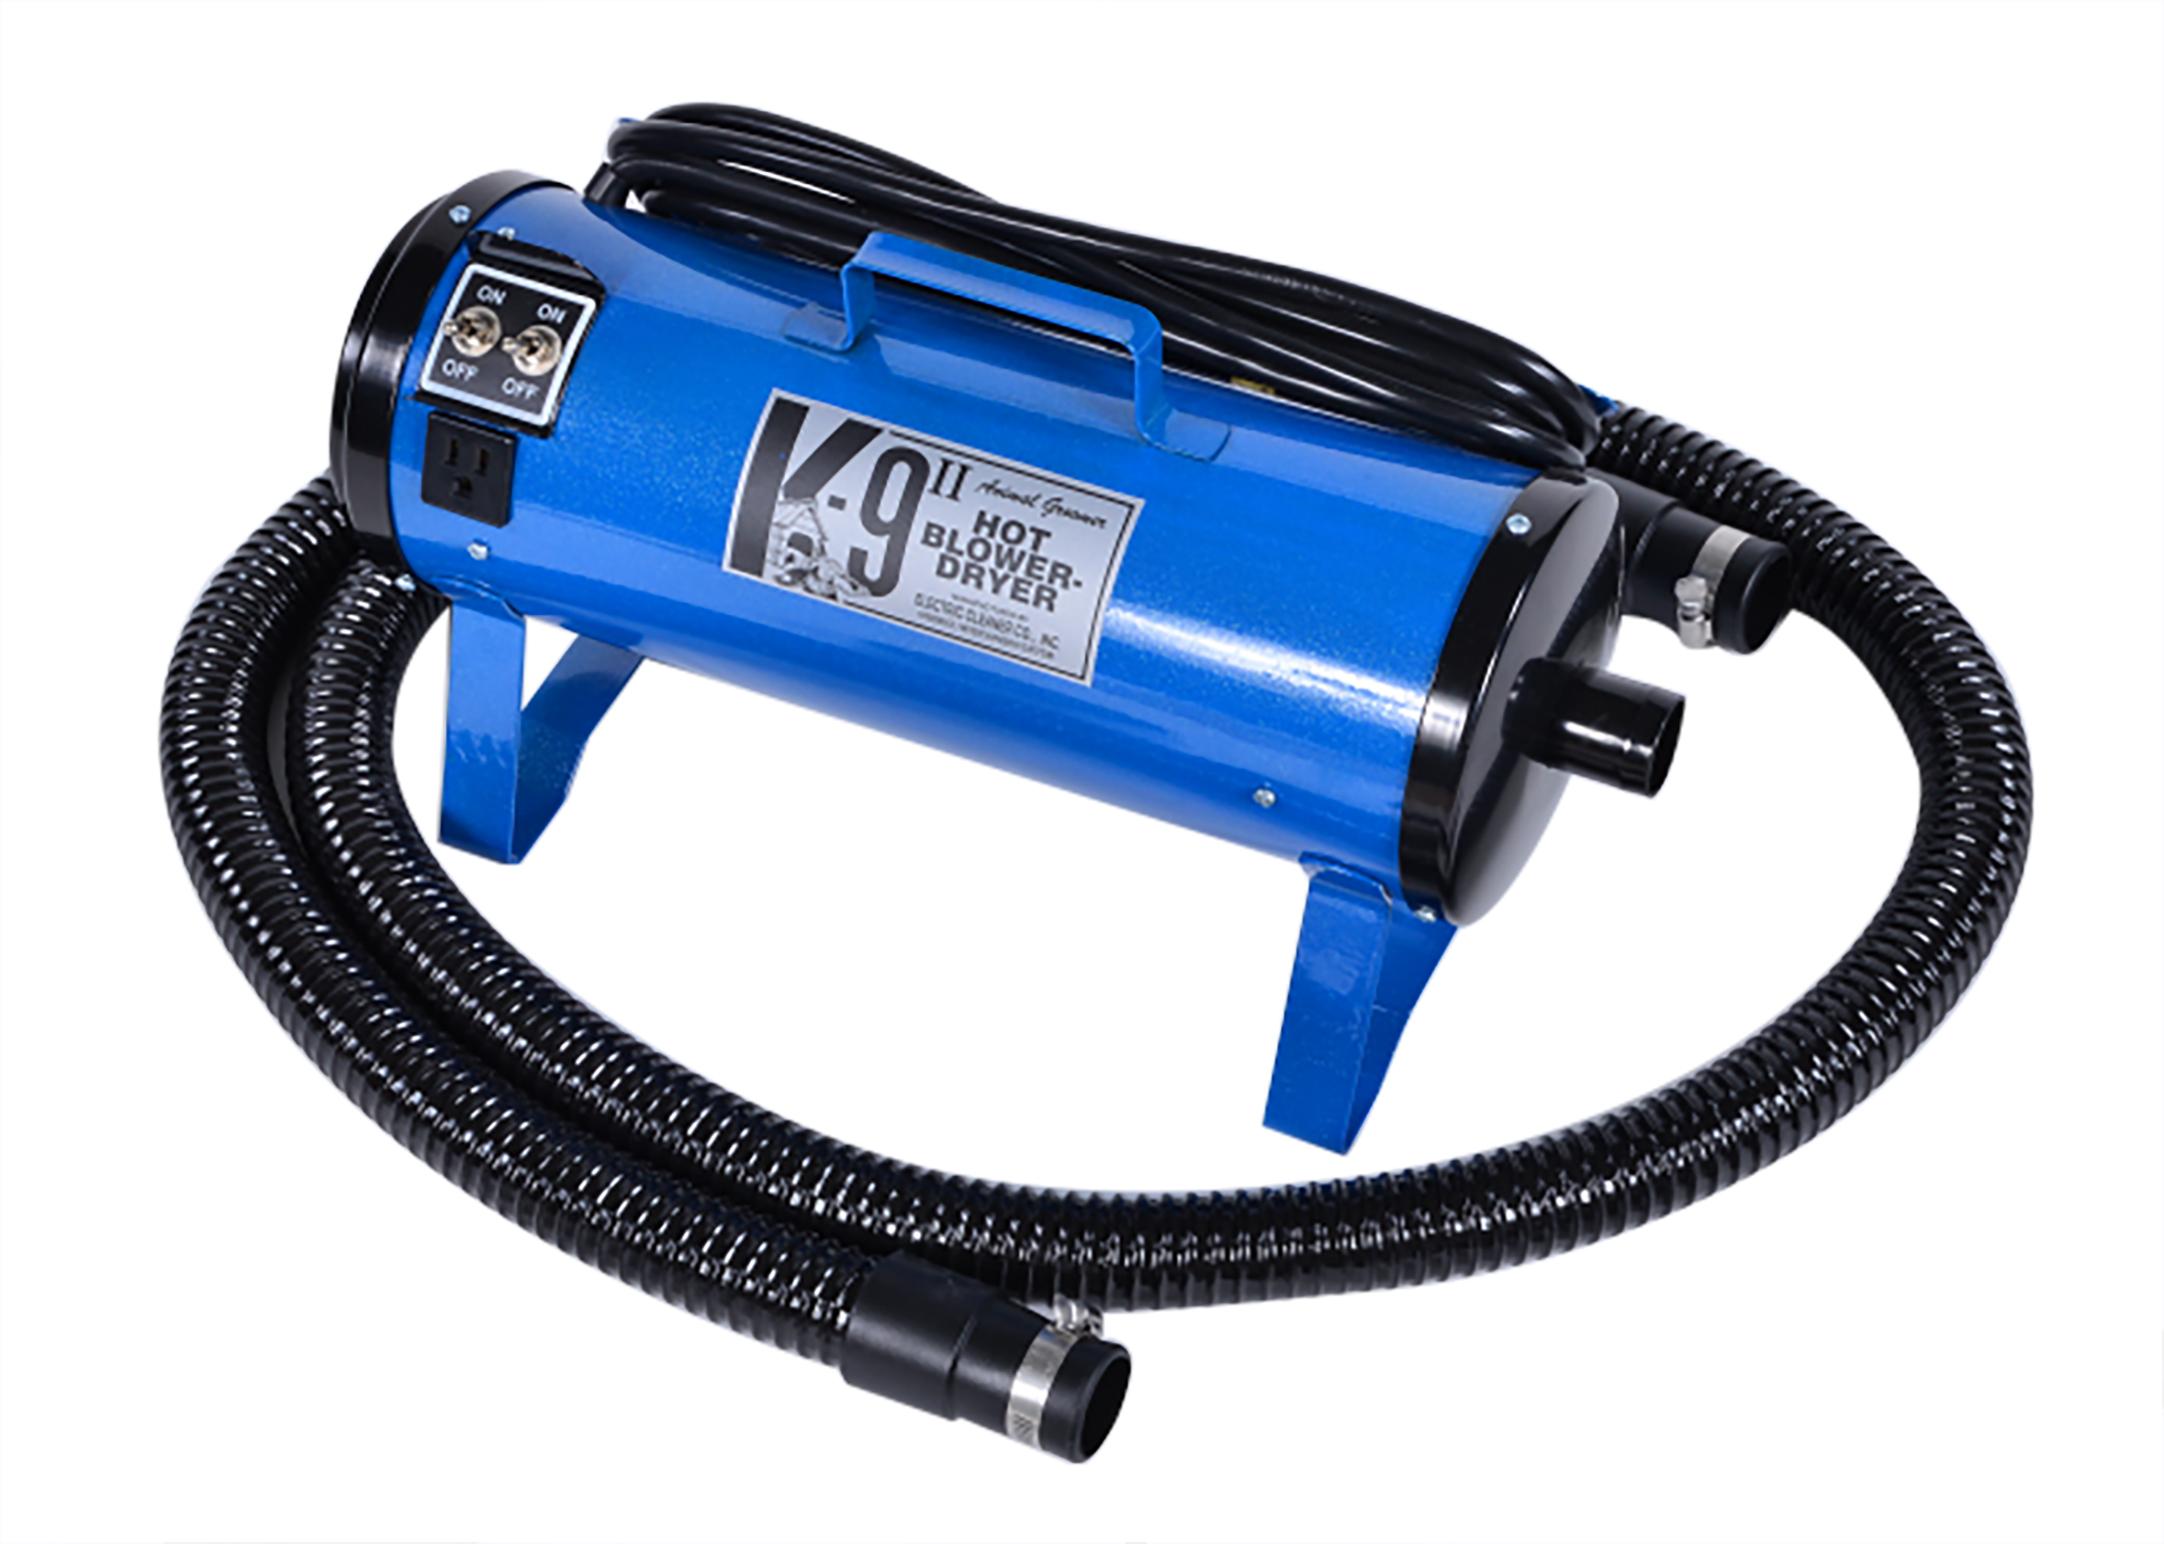 K9 Power Blaster II Haardroger Blauw